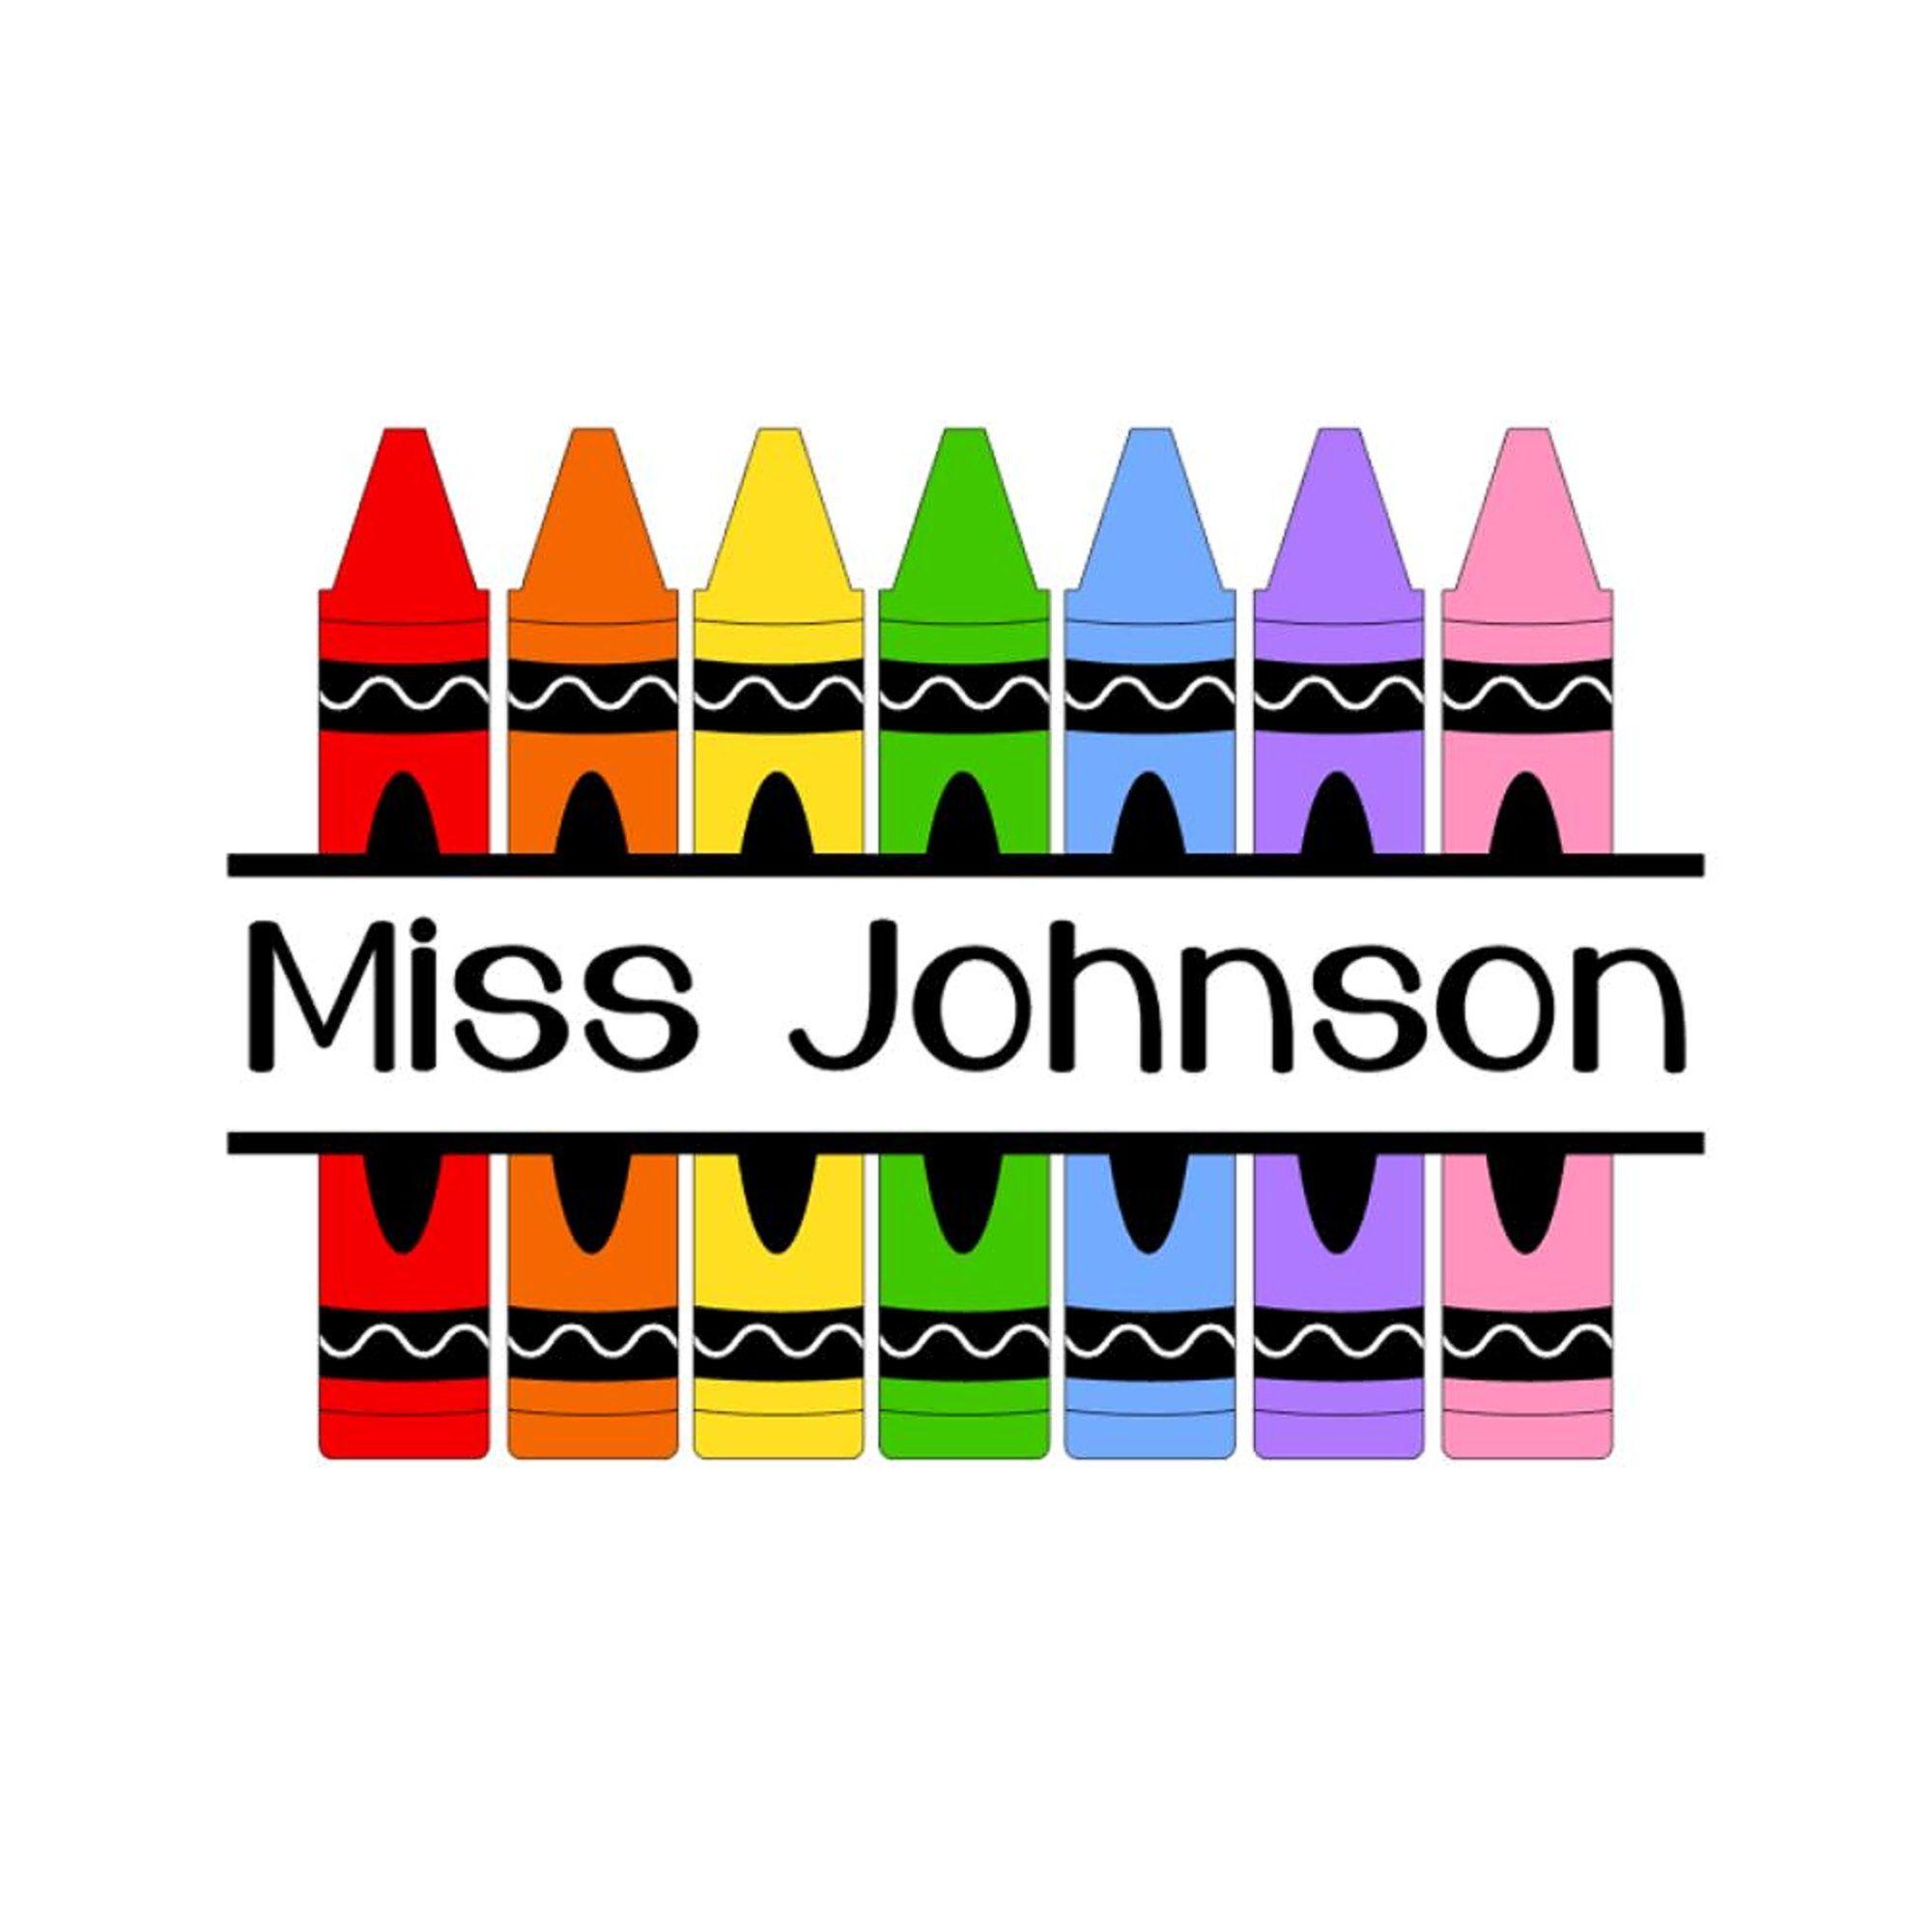 Crayon Decal Name Decal Crayon Sticker Teacher Gift Etsy In 2020 Art Teachers Classroom Teachers Diy Art Teacher Classroom Decor